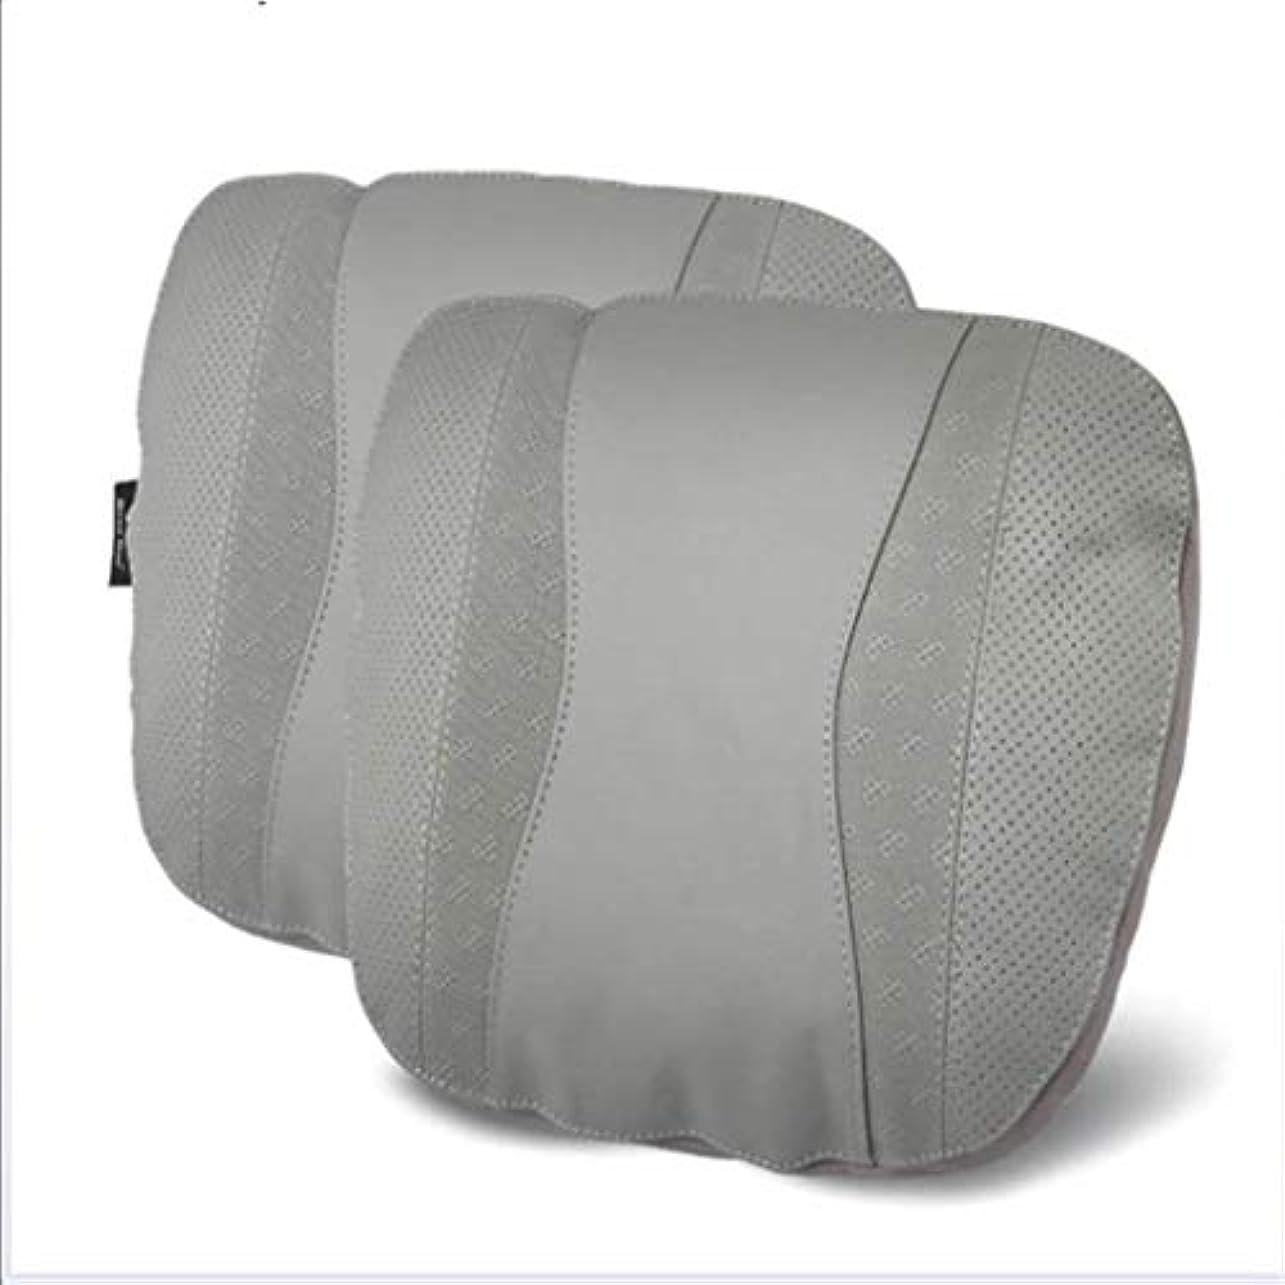 クレアほんの好ましいネックピロー、カーシートネックピロー、トラベルピローネックパッド、カーネックピローサポートピローとして使用、航空機のネックピロー、首の疲れを和らげる (Color : Gray)